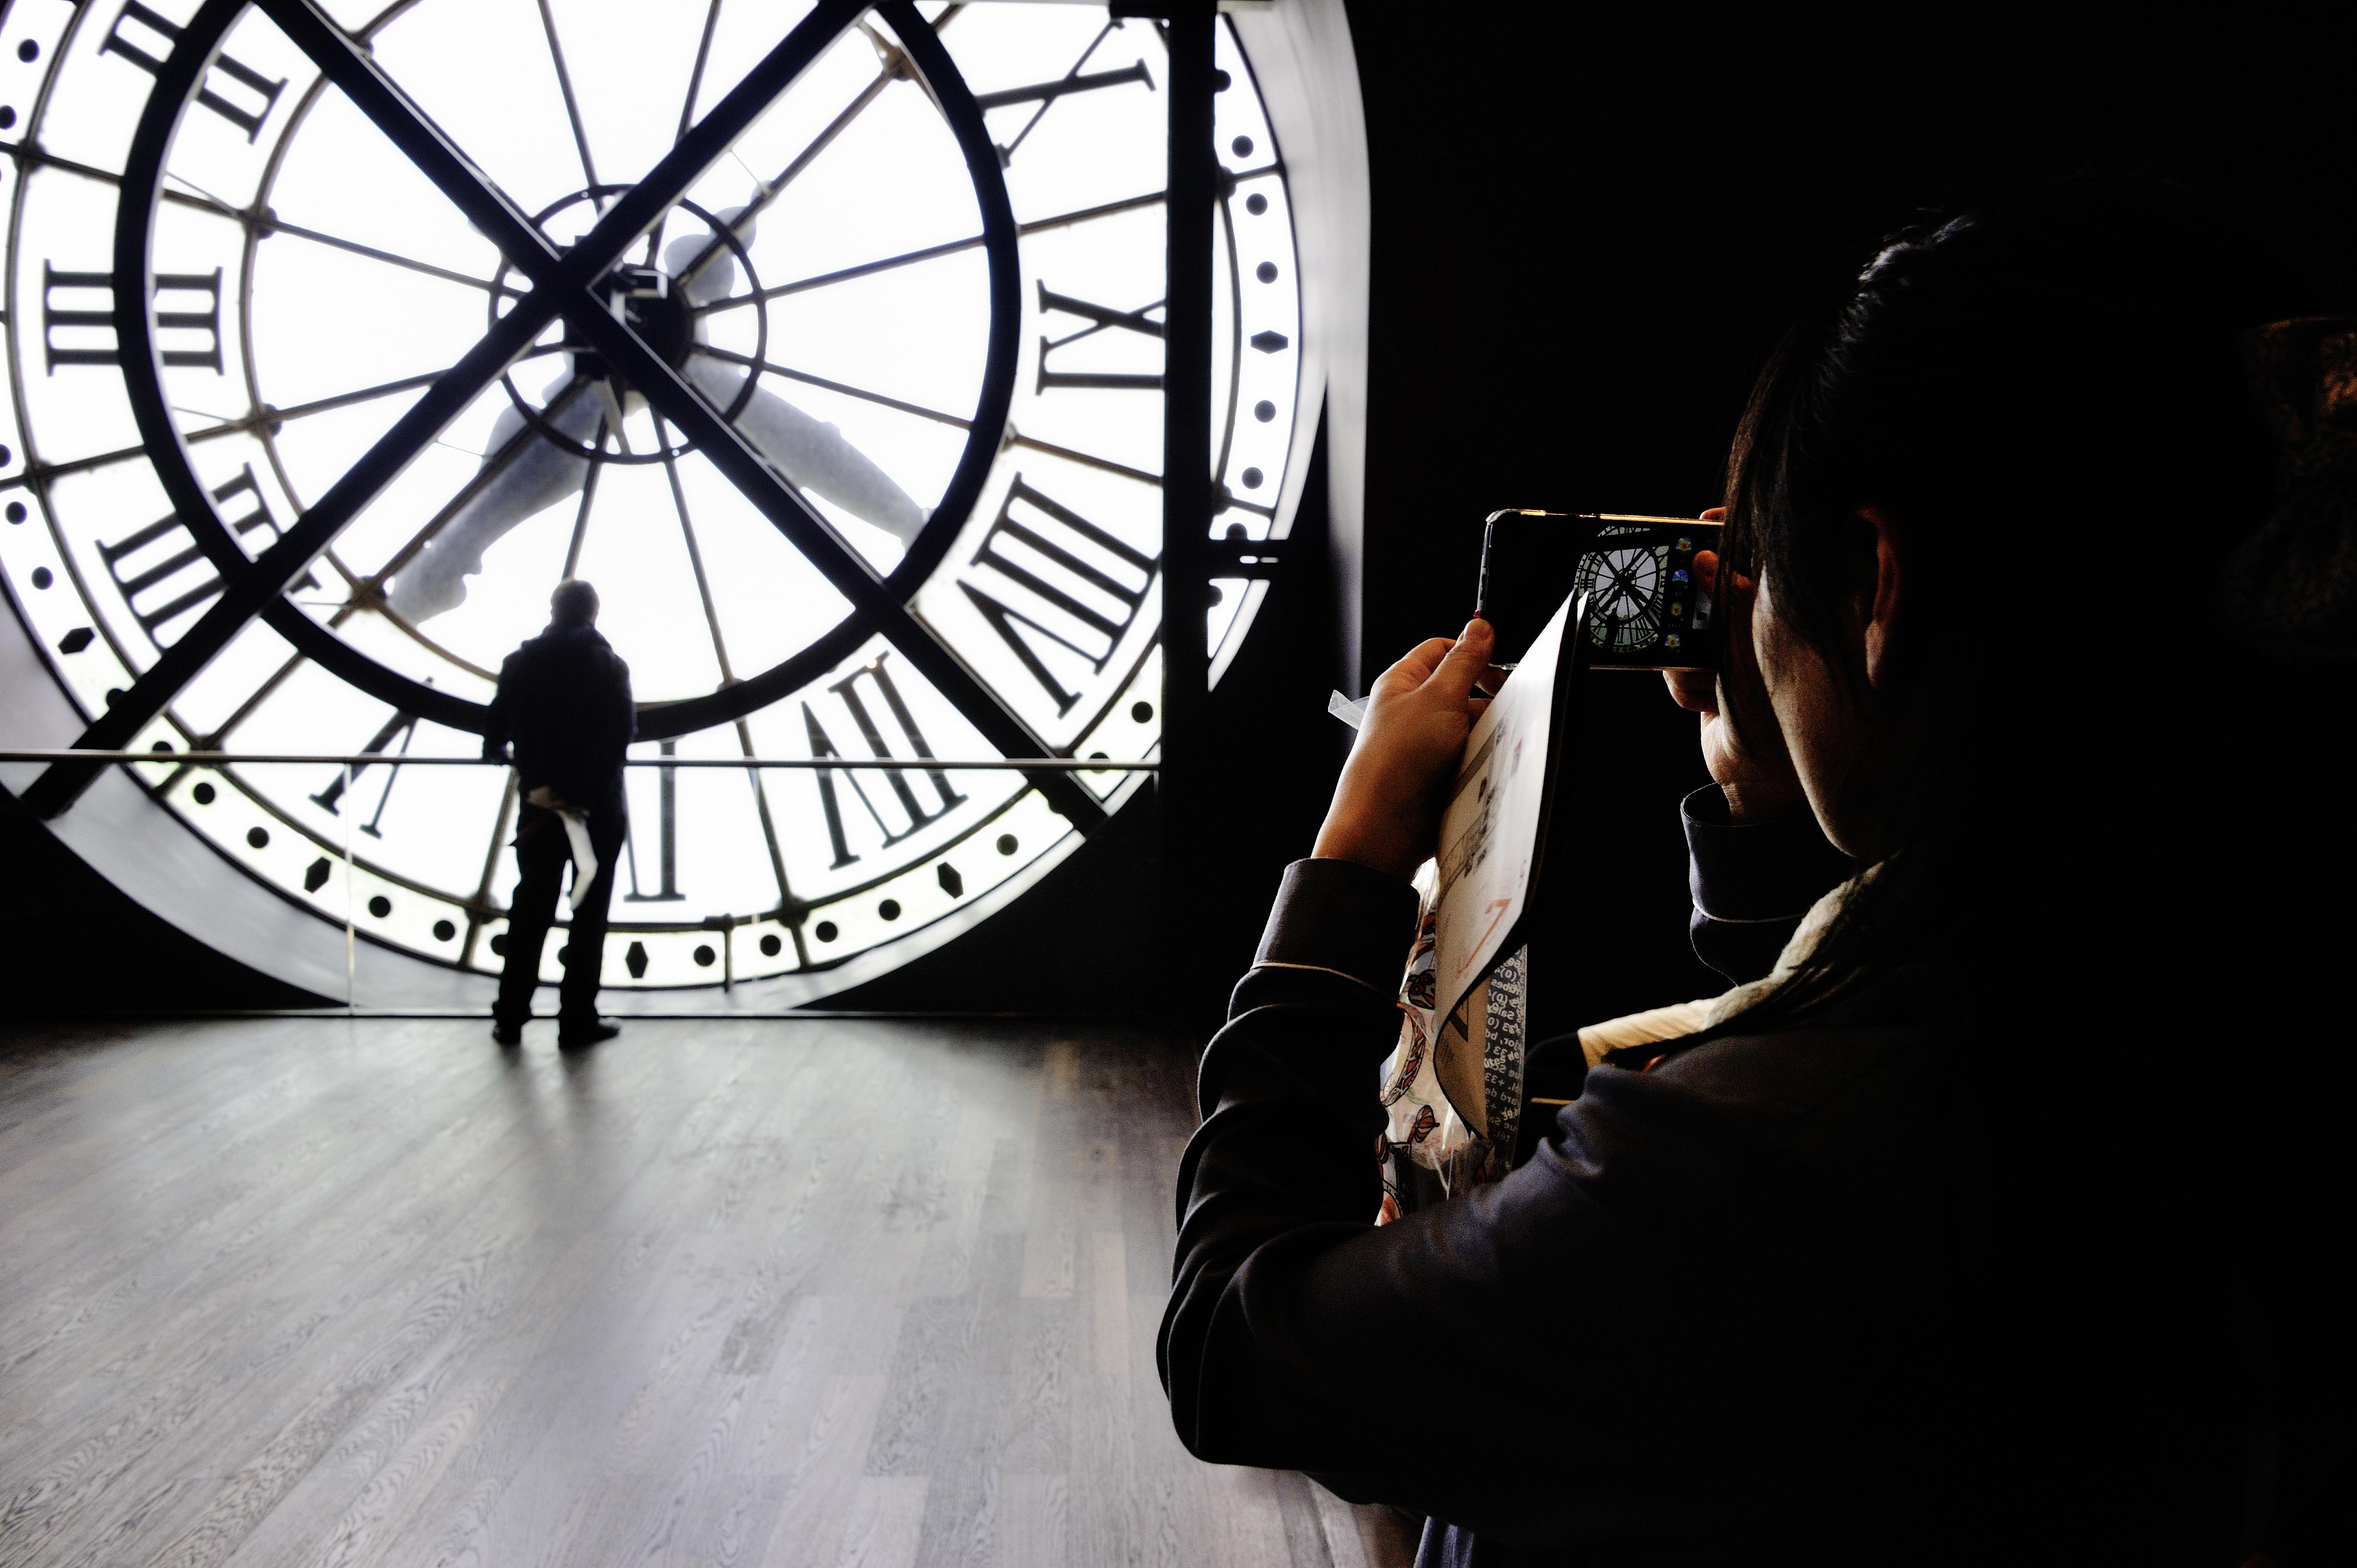 Musée d'Orsay%252C l'horloge extérieure Musée des Arts Décoratifs%252C Paris 2017